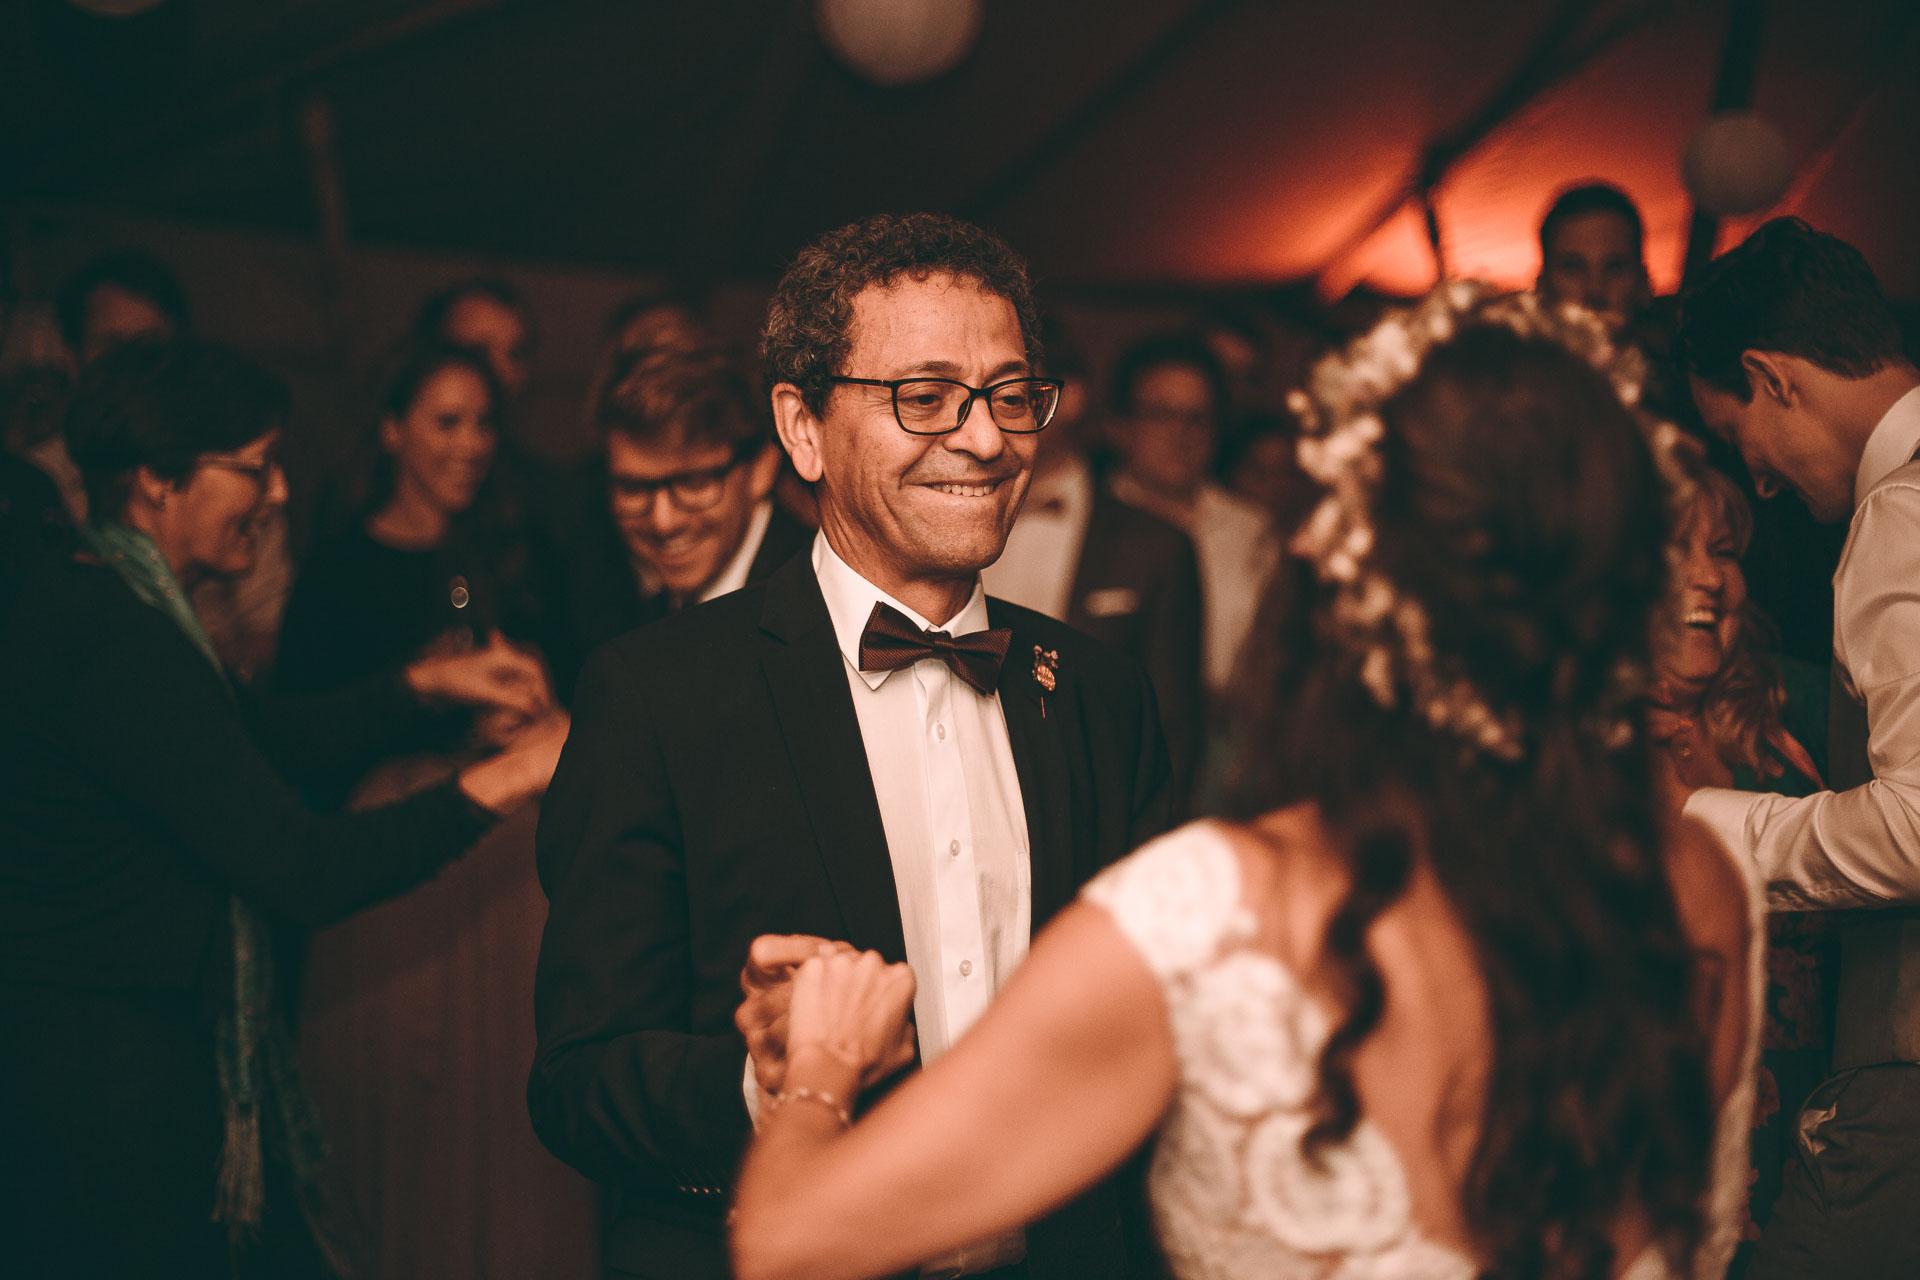 Erster Hochzeitstanz auf Boho Hochzeit